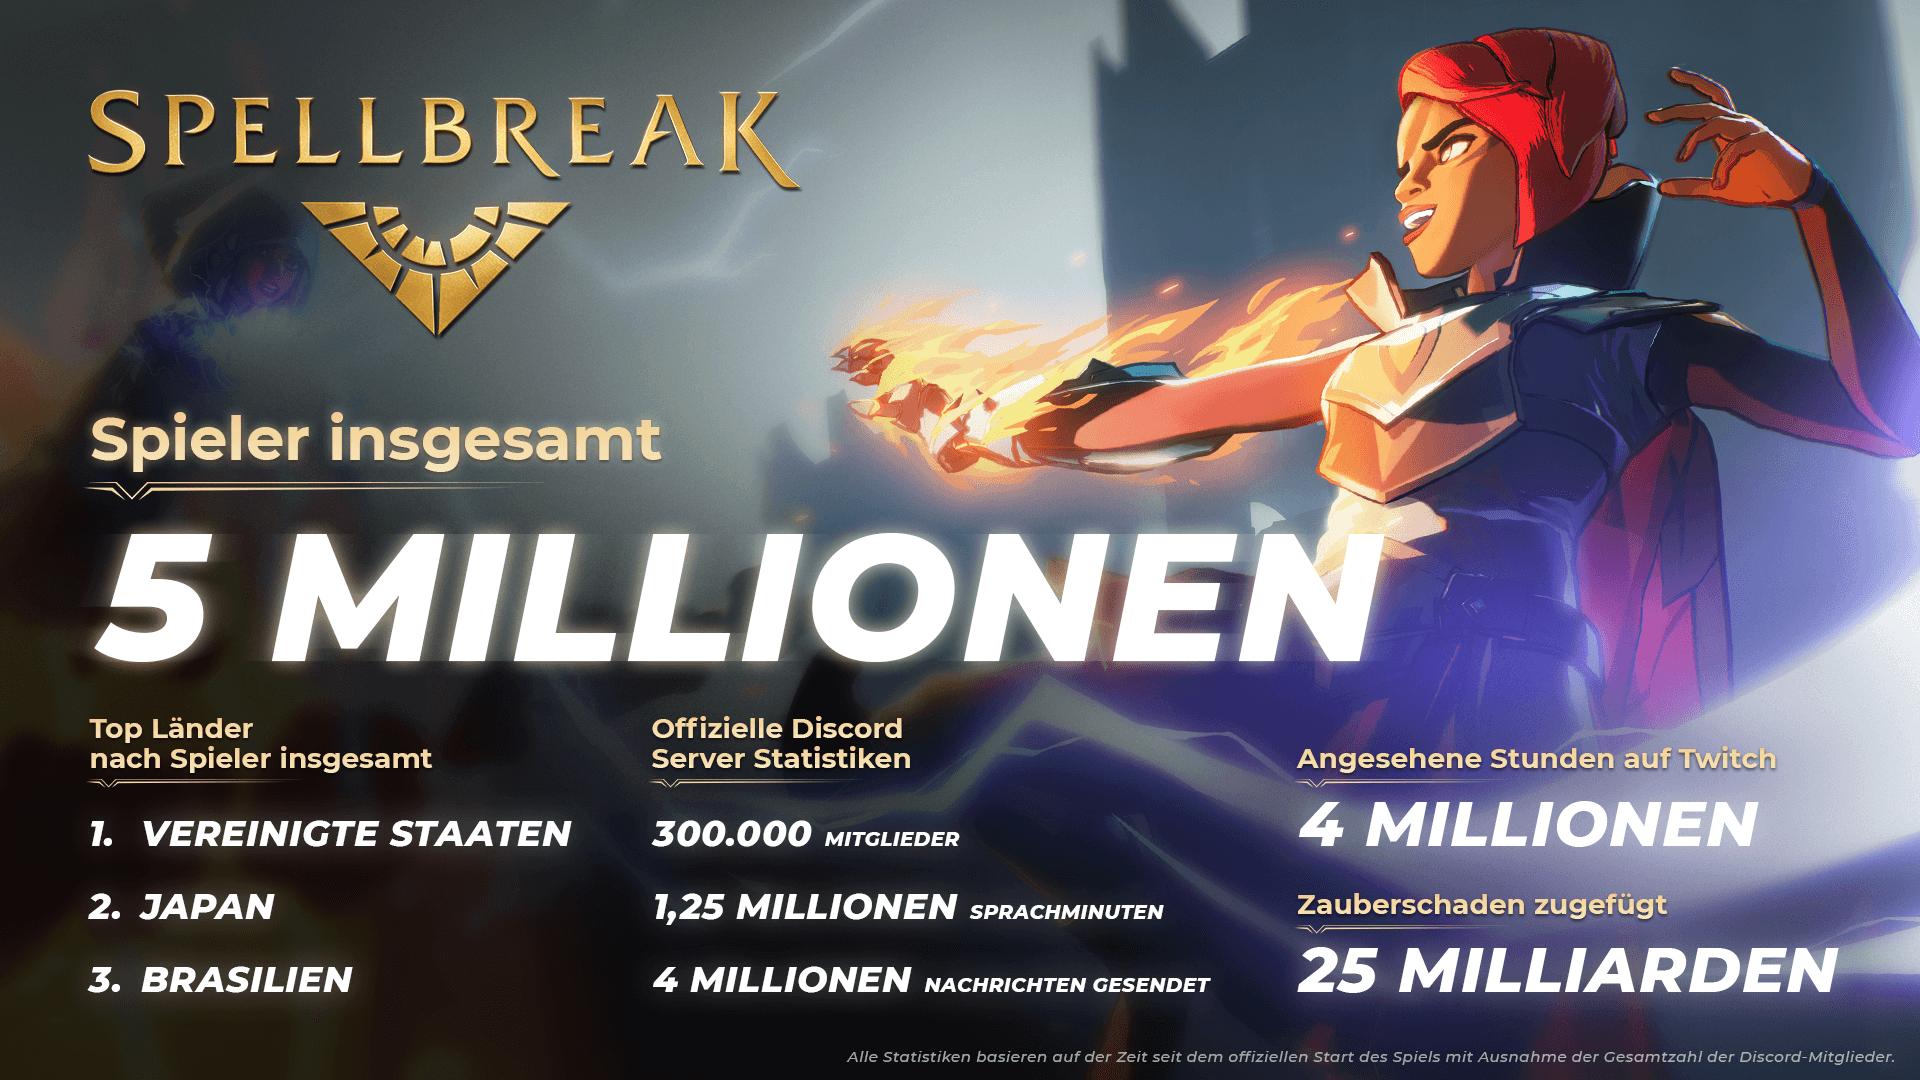 Spellbreak Infografik